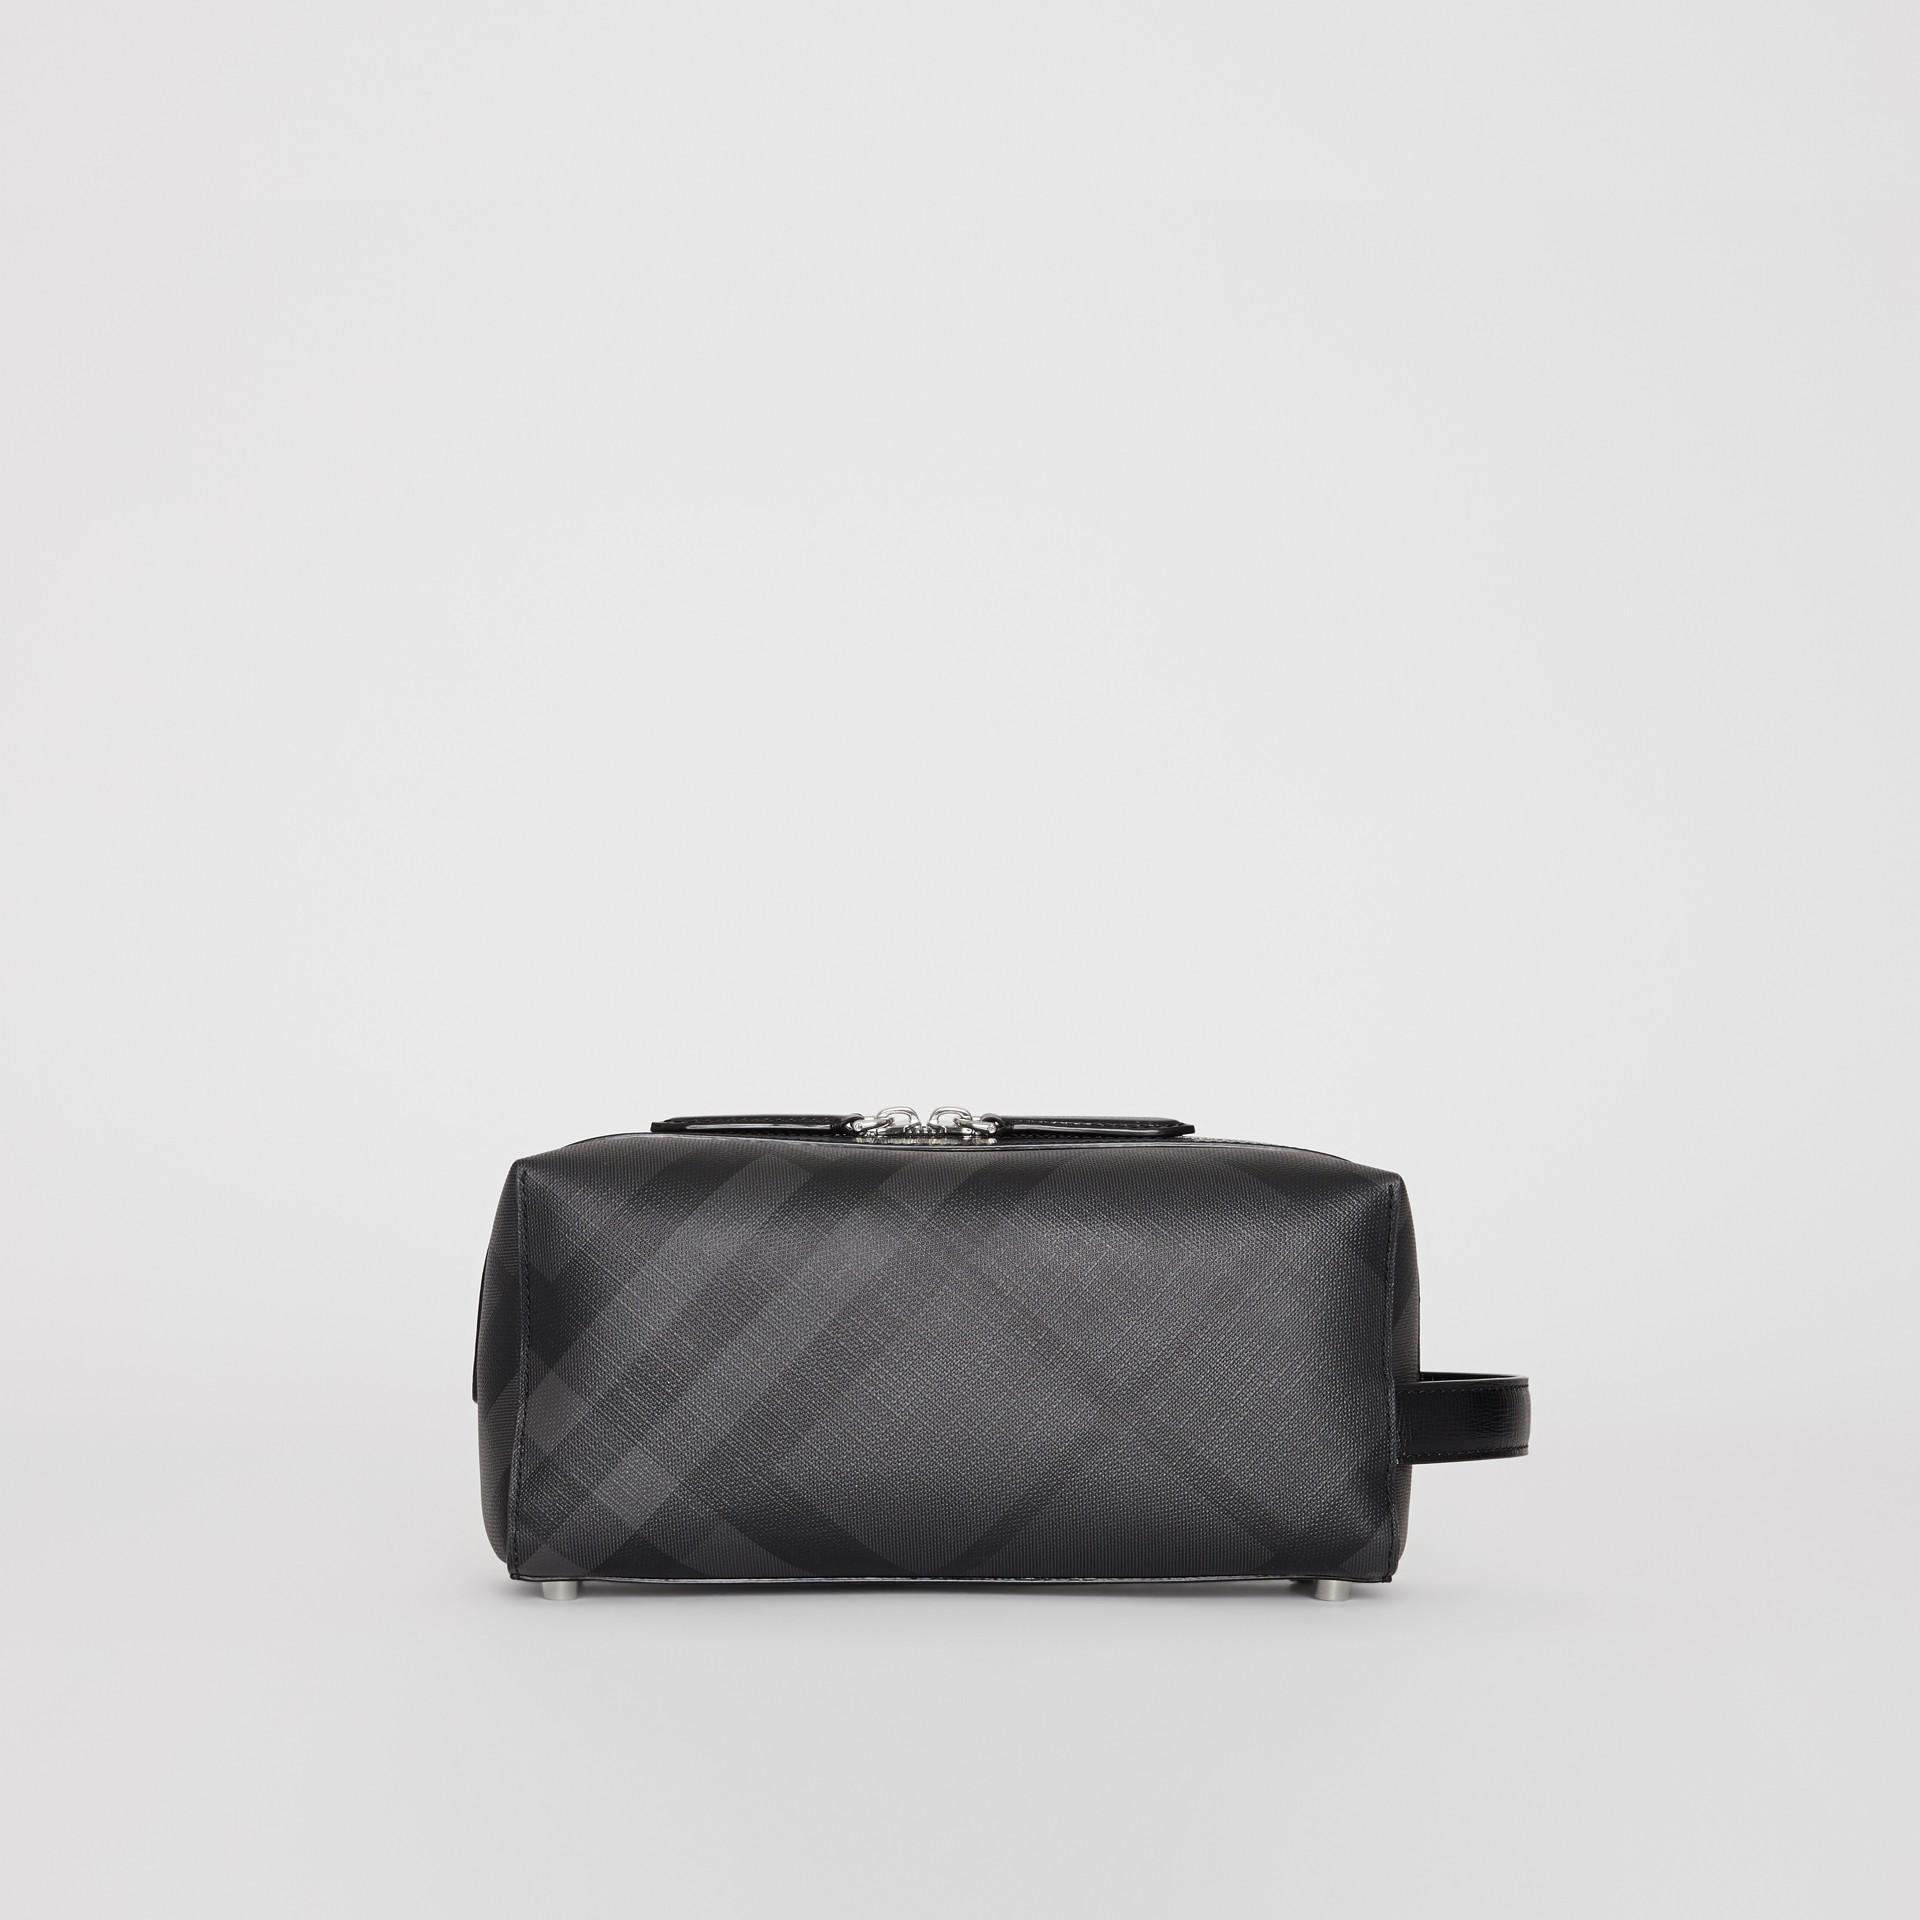 Etui aus London Check-Gewebe mit Lederdetails (Anthrazit/schwarz) | Burberry - Galerie-Bild 4